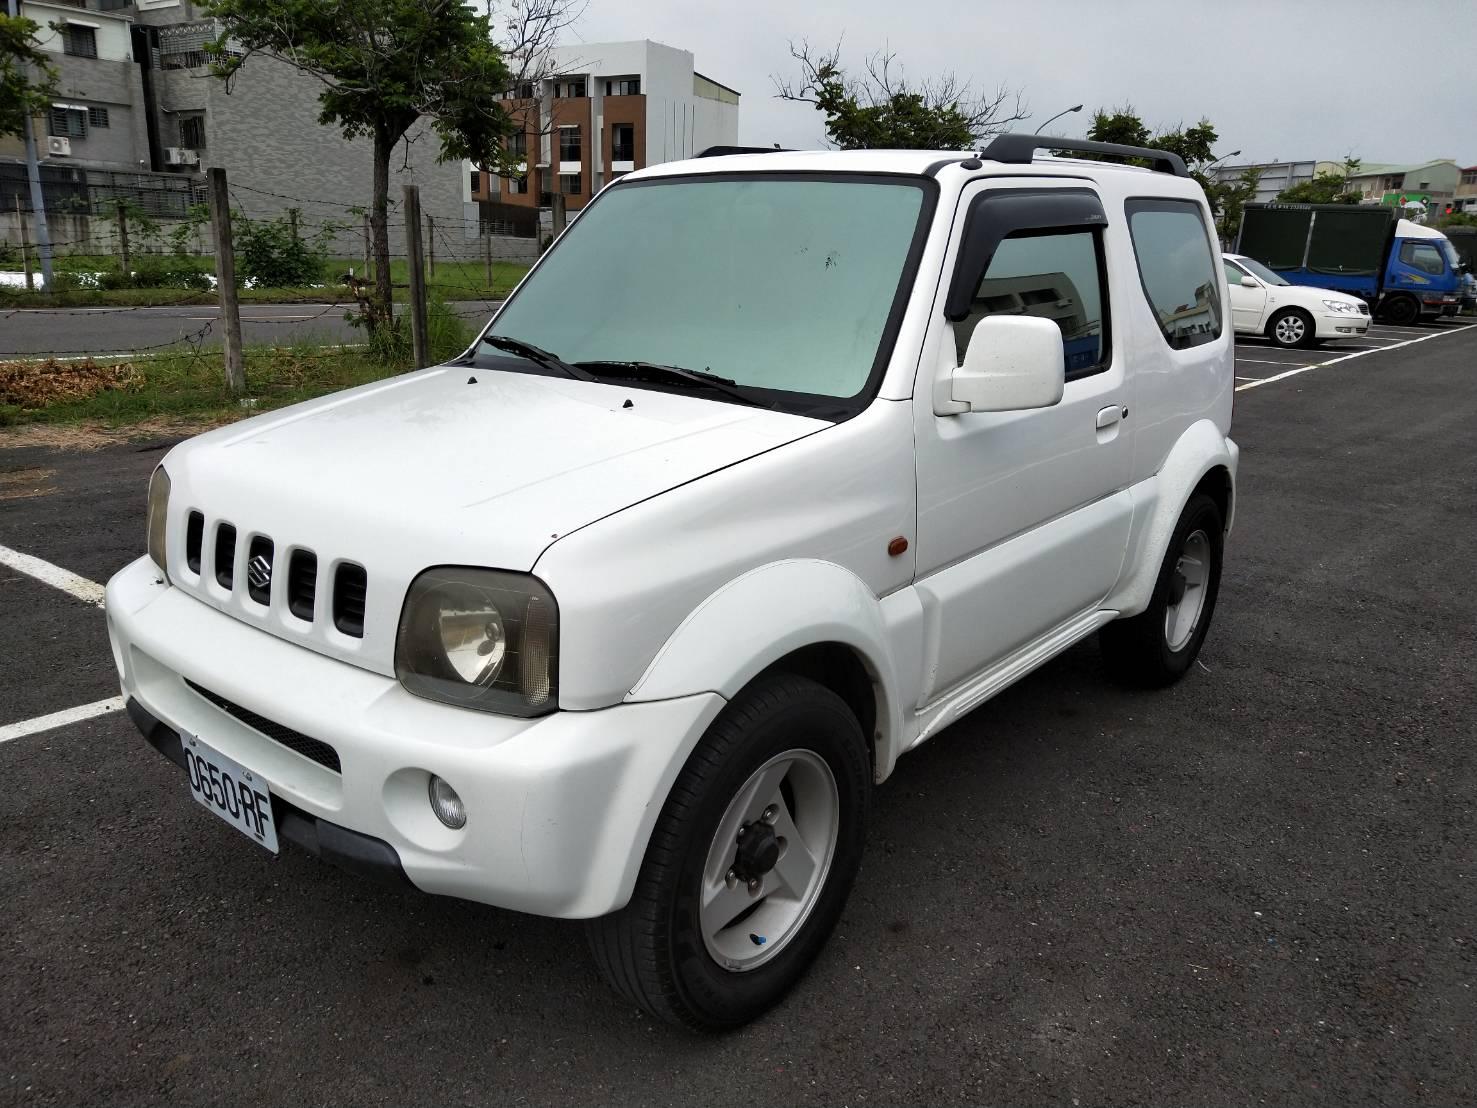 2003 Suzuki 鈴木 Jimny